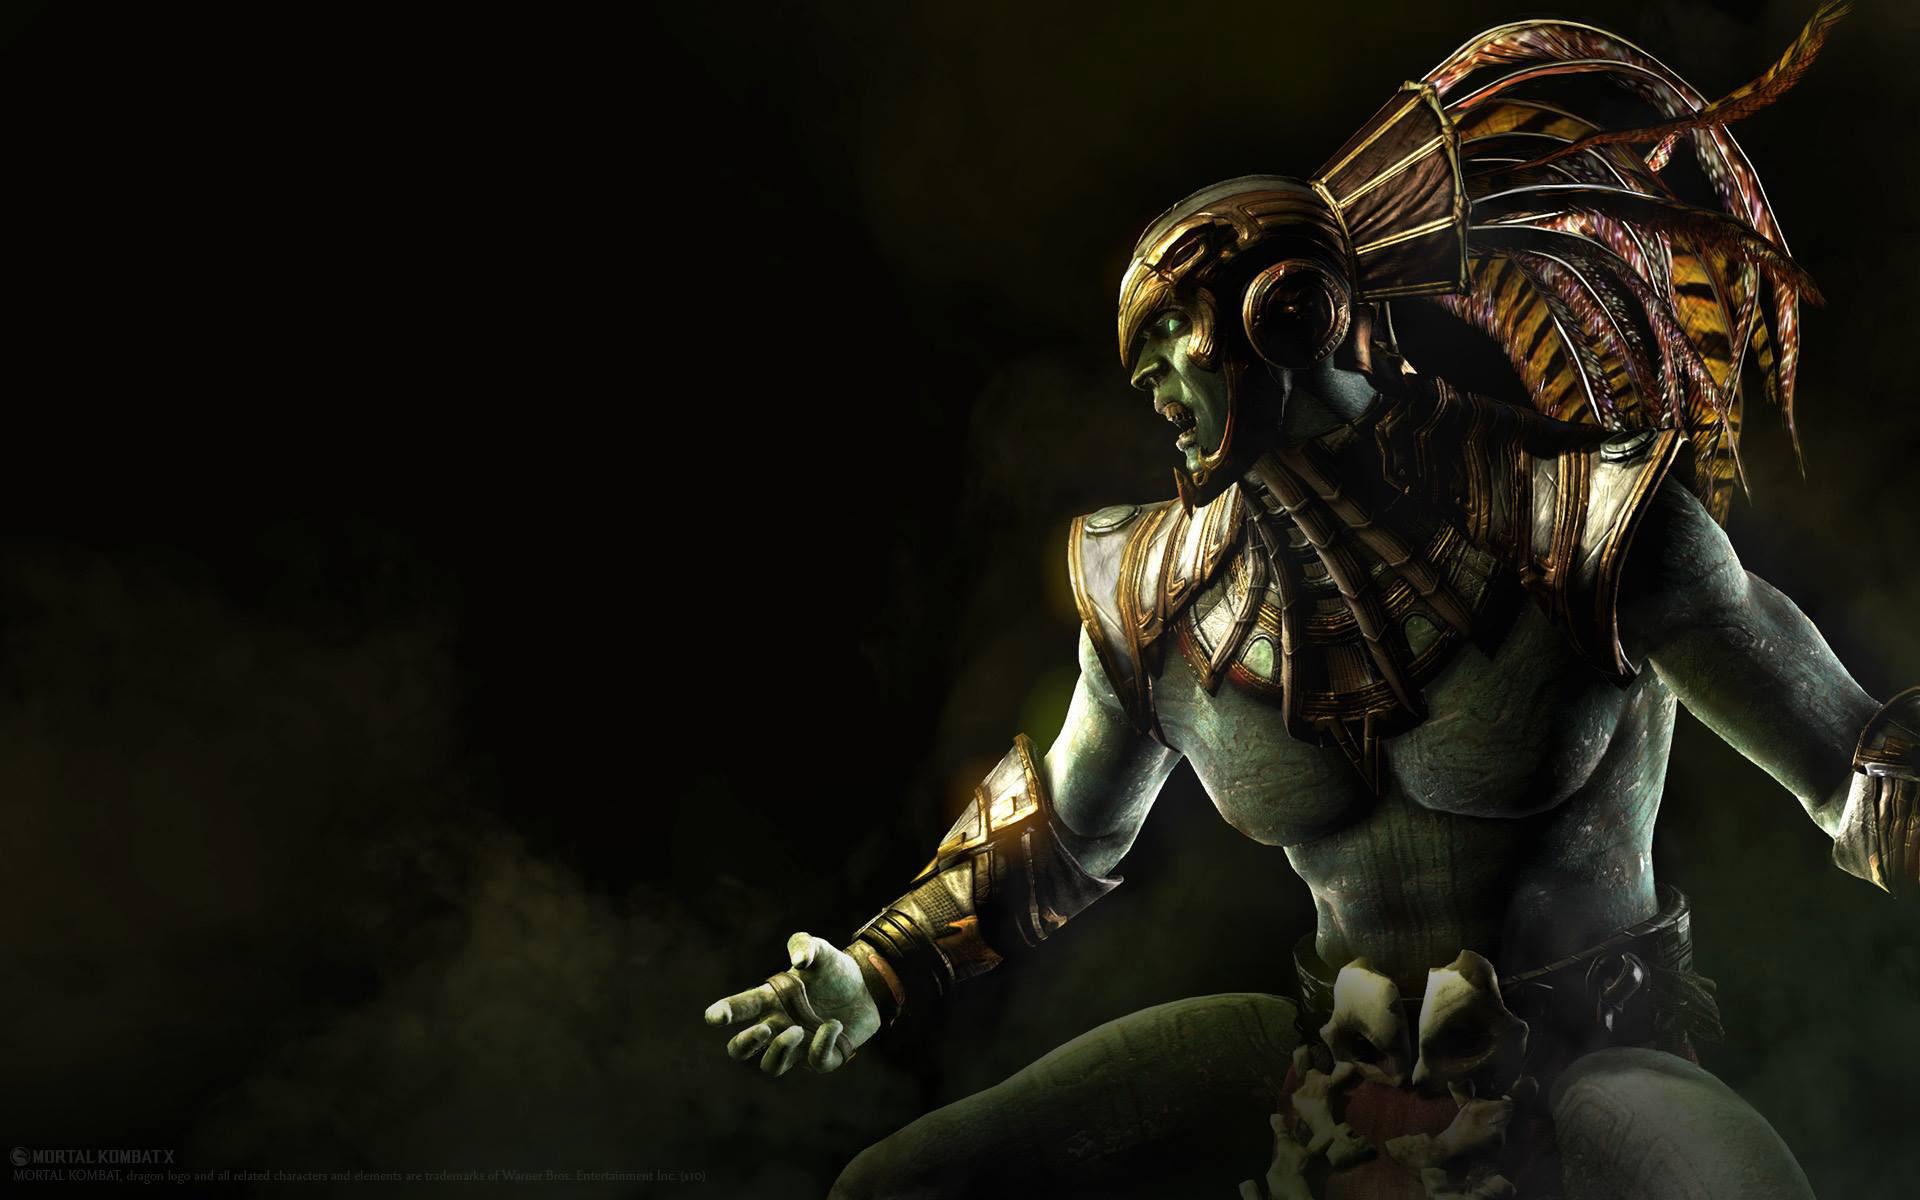 Watch Scorpion's uncensored Mortal Kombat X fatality, plus ... - photo#34